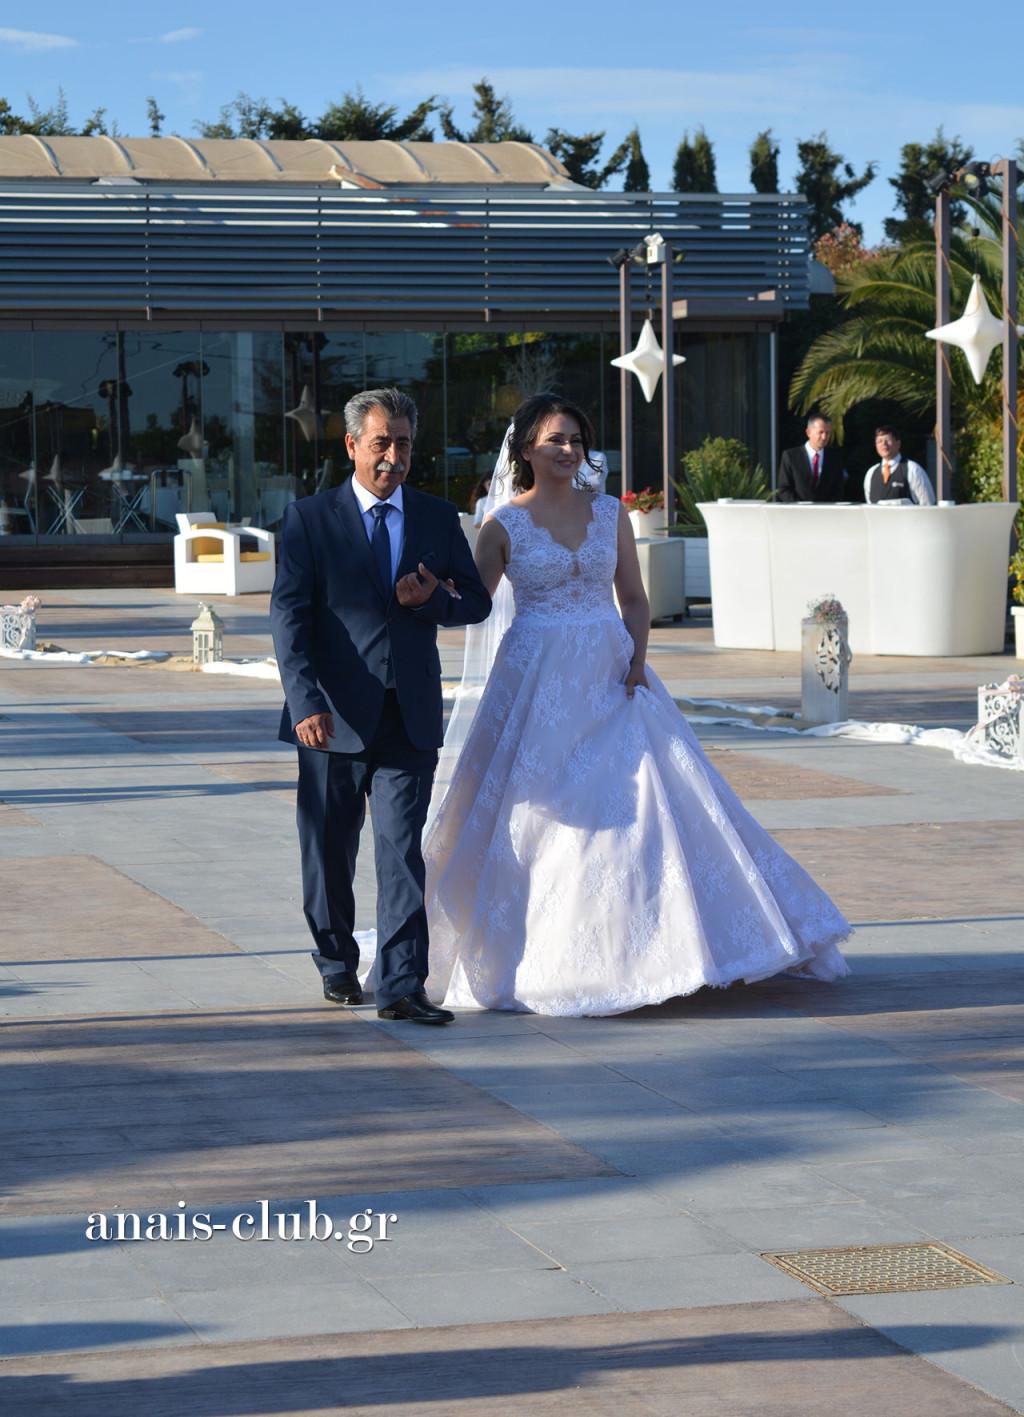 Πατέρας και κόρη κατευθύνονται προς την εκκλησία, όπου περιμένει ο γαμπρός γεμάτος αγωνία, μαζί με τη μητέρα του